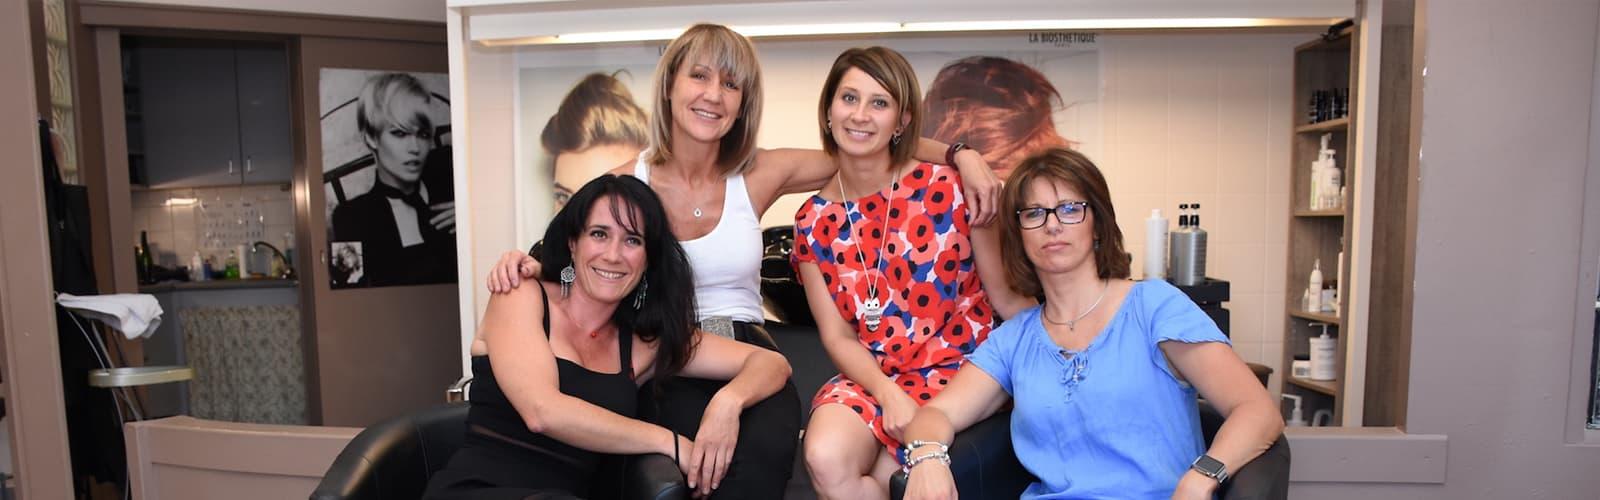 Coiffeur Femmes Sarrebourg - Votre salon de coiffure - Coiffure à l'image